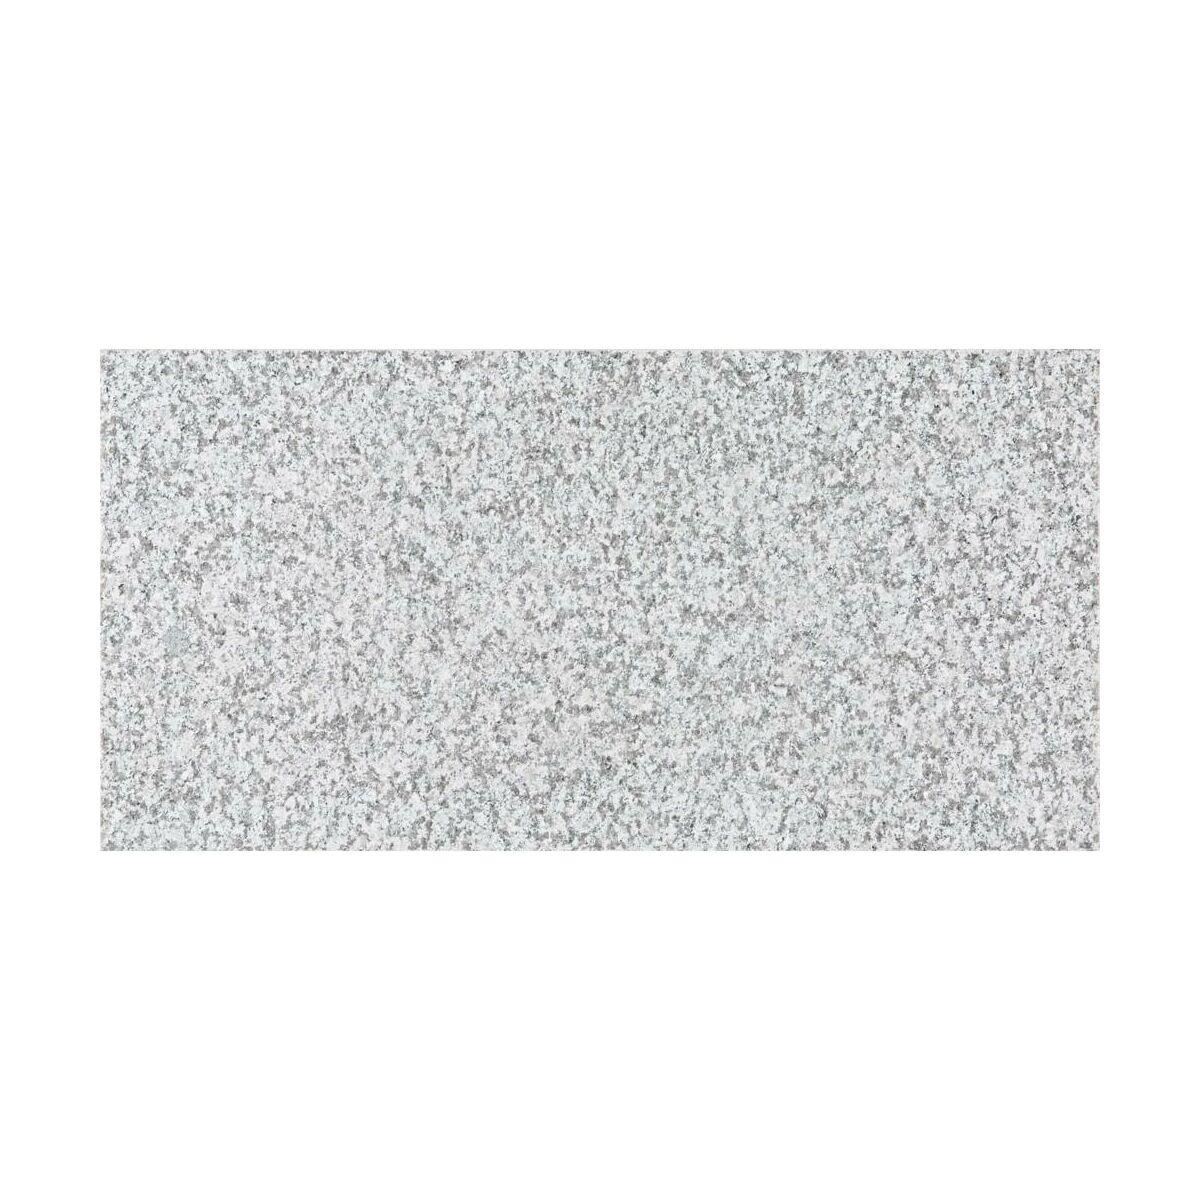 Plyta Granitowa Stone 30 5x61 Iryda Granit W Atrakcyjnej Cenie W Sklepach Leroy Merlin